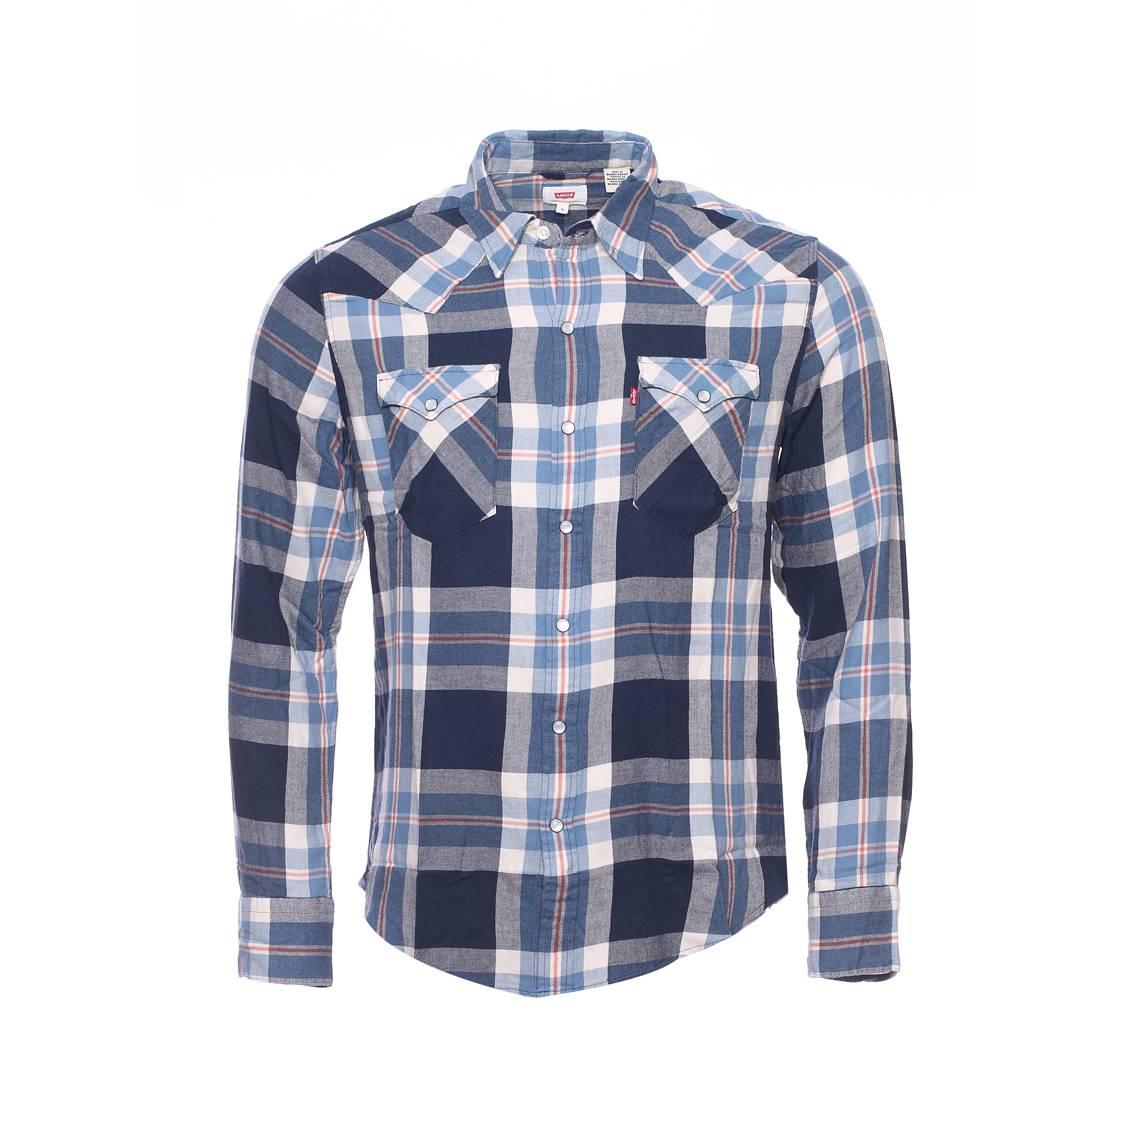 chemise droite levi 39 s en coton carreaux bleu marine bleu clair et blancs rue des hommes. Black Bedroom Furniture Sets. Home Design Ideas